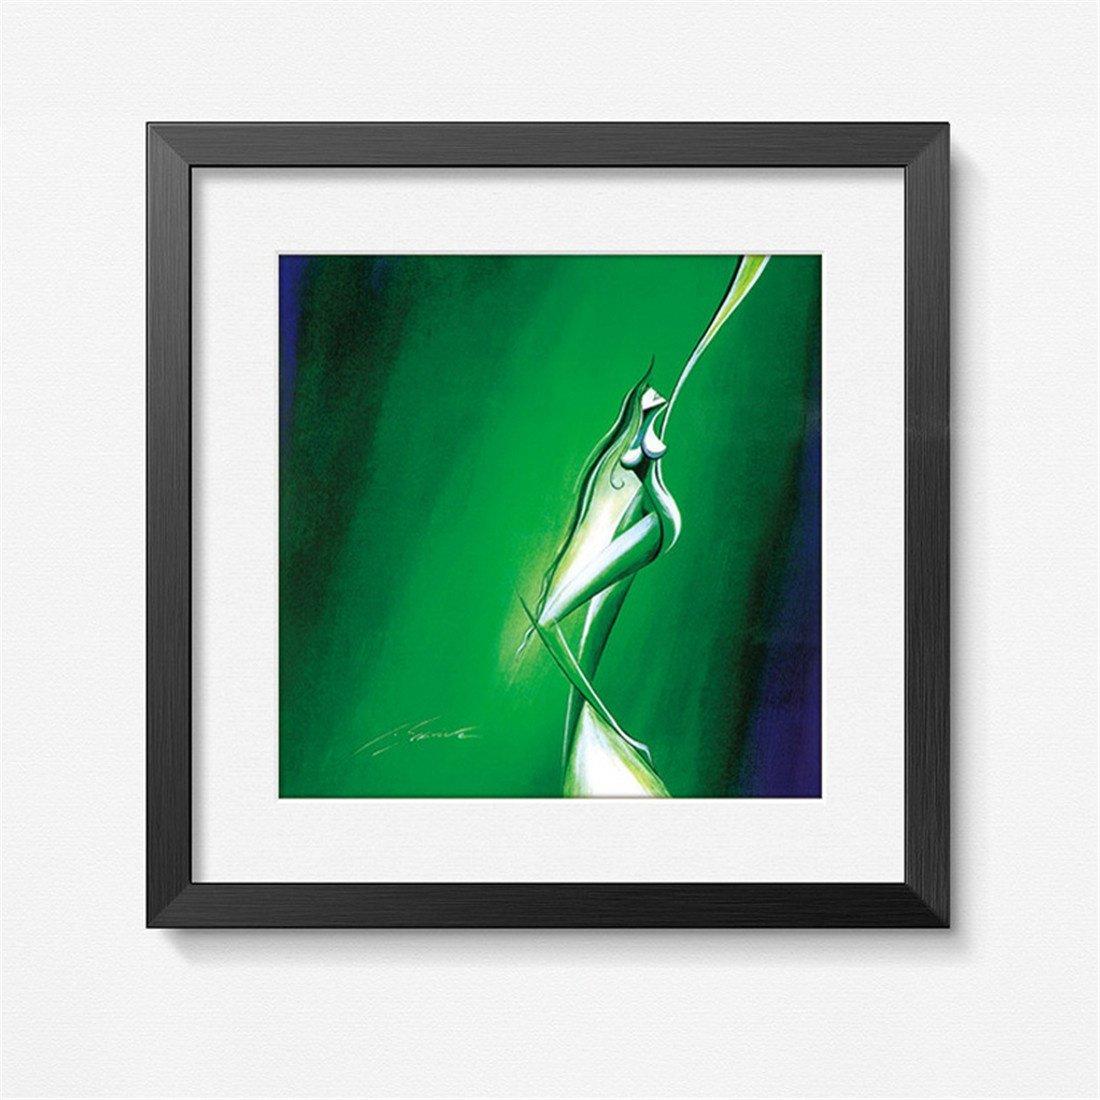 HONGLIbelleza Pintura Decorativa Abstracta Arte Corporal Pintura de Marco de Cuatro Colores Sala de Estar Dormitorio Comedor Pintura de la Oficina Pinturas de la Pared (43  43 cm), a